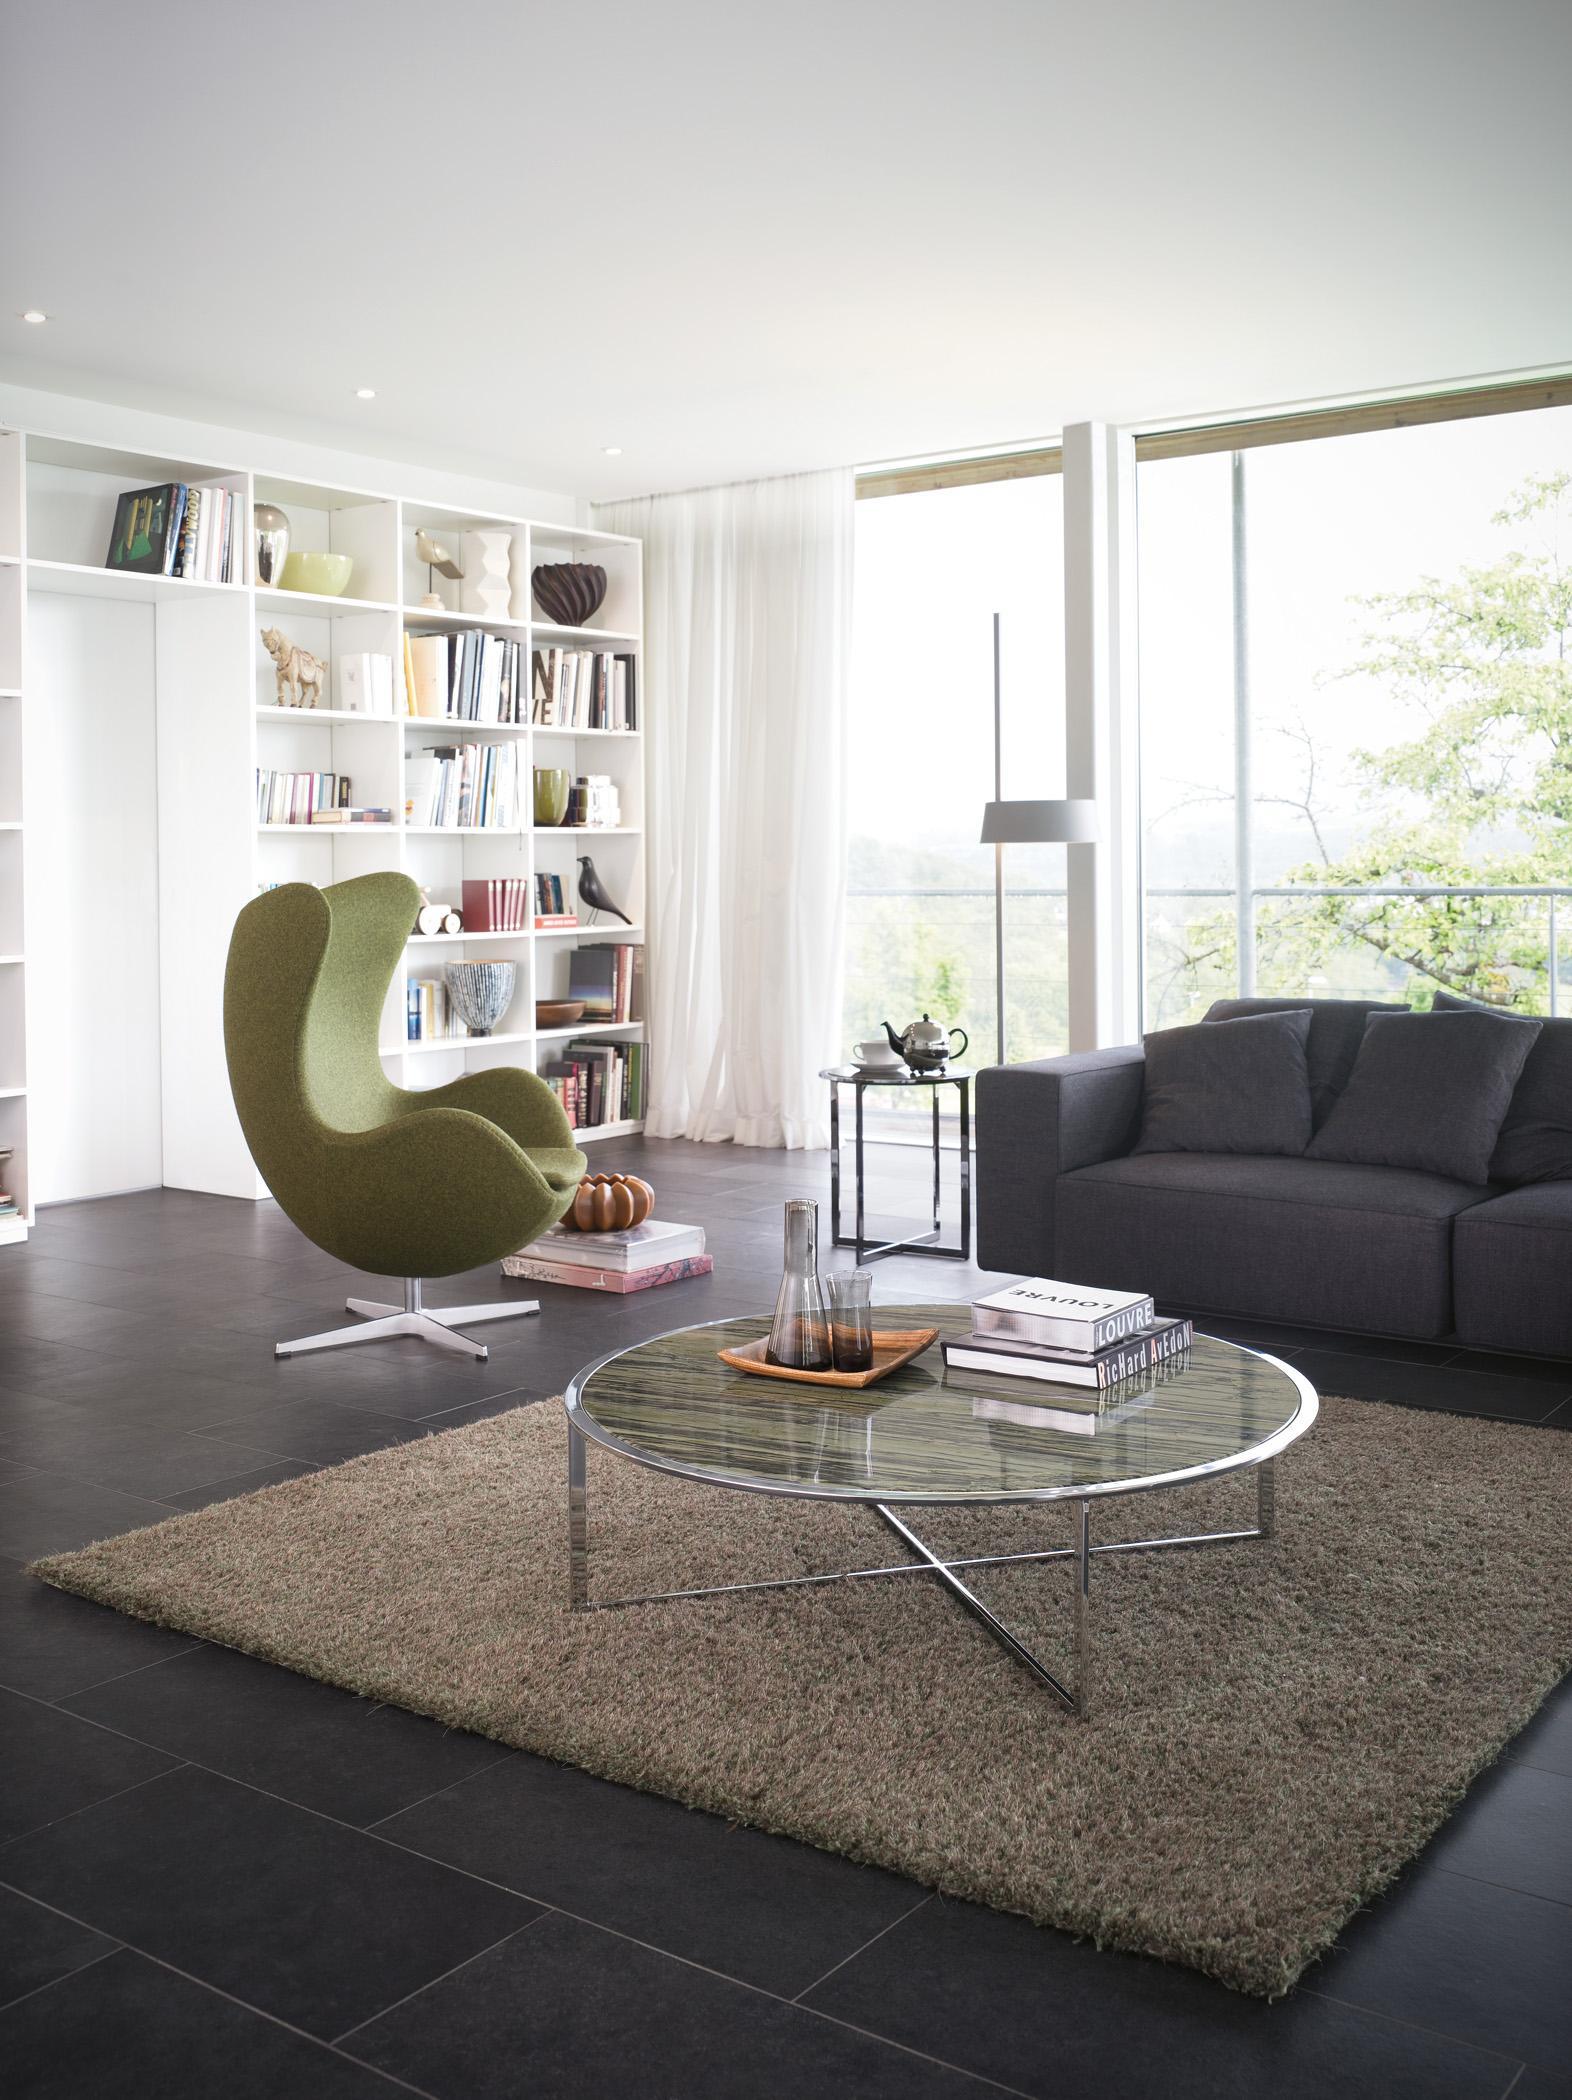 Modernes Wohnzimmer In Naturfarben #couchtisch #fliesen #bücherregal #sofa  ©Draenert